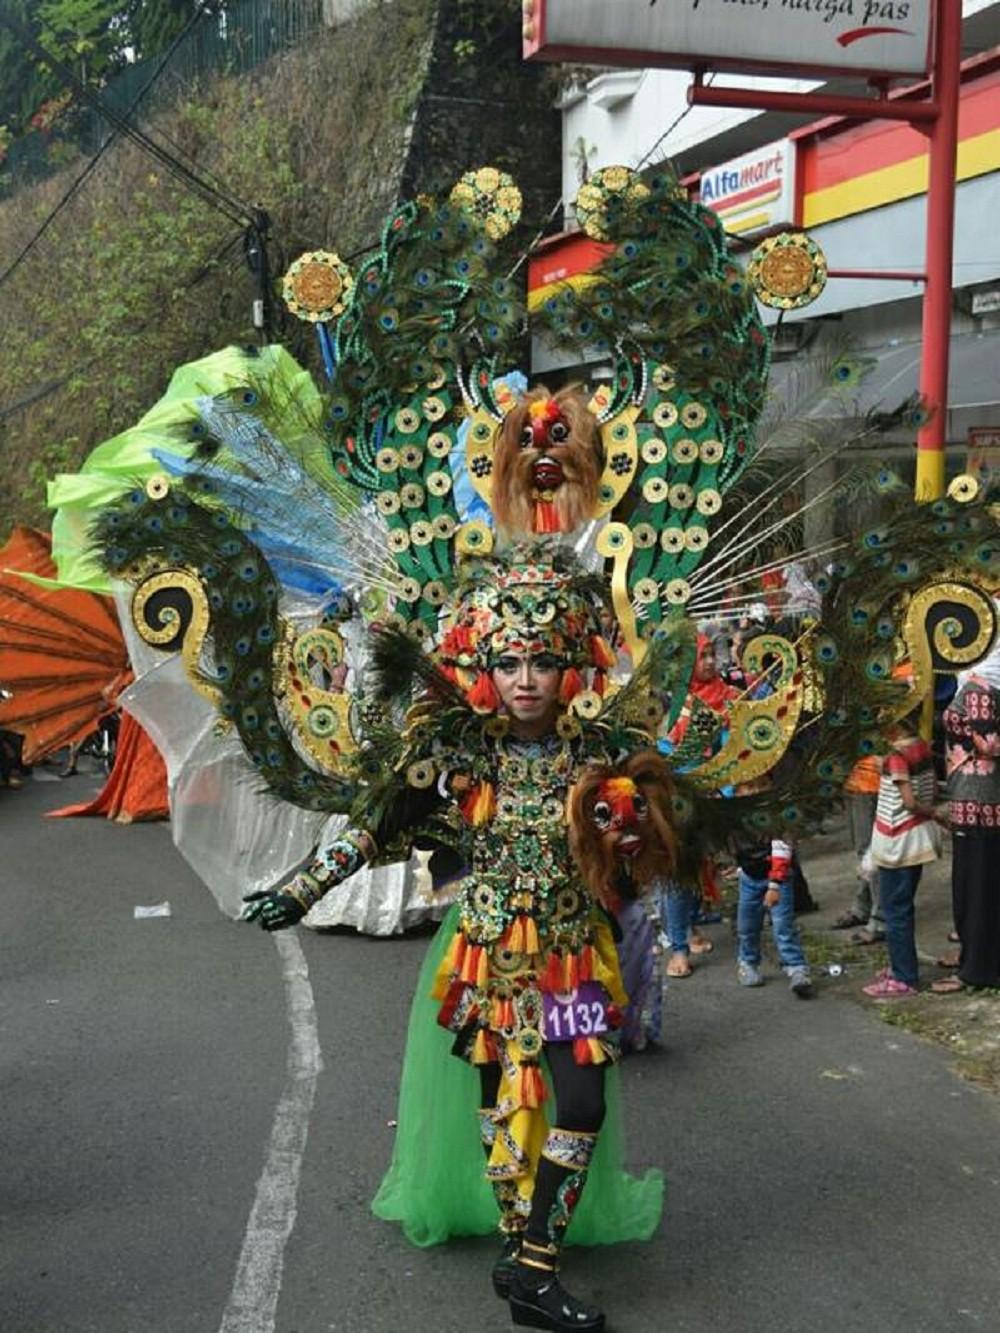 Kostum Karnaval Unik Yang Nyeleneh Tapi Menjadi Terpopuler